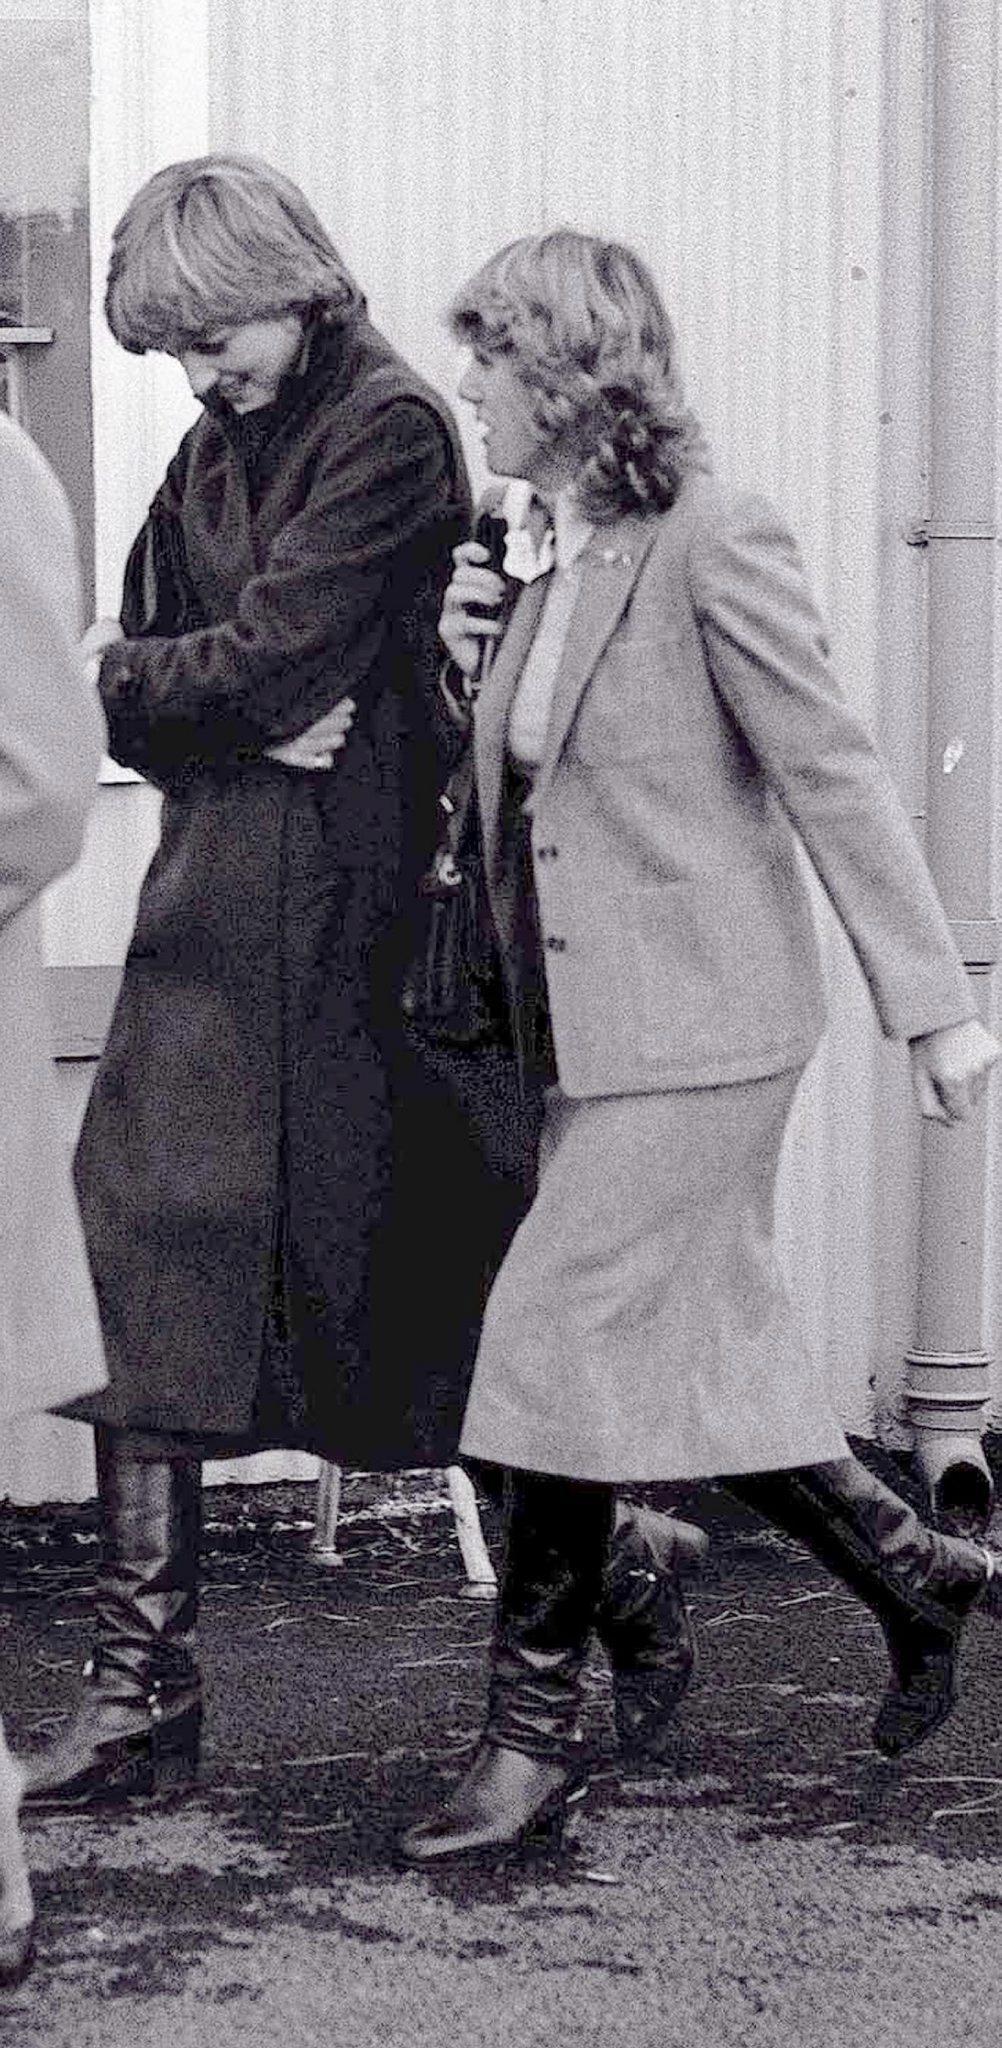 Prinzessin Diana (†): Gespräch mit Camilla Parker Bowles wegen Affäre mit Charles | GALA.de